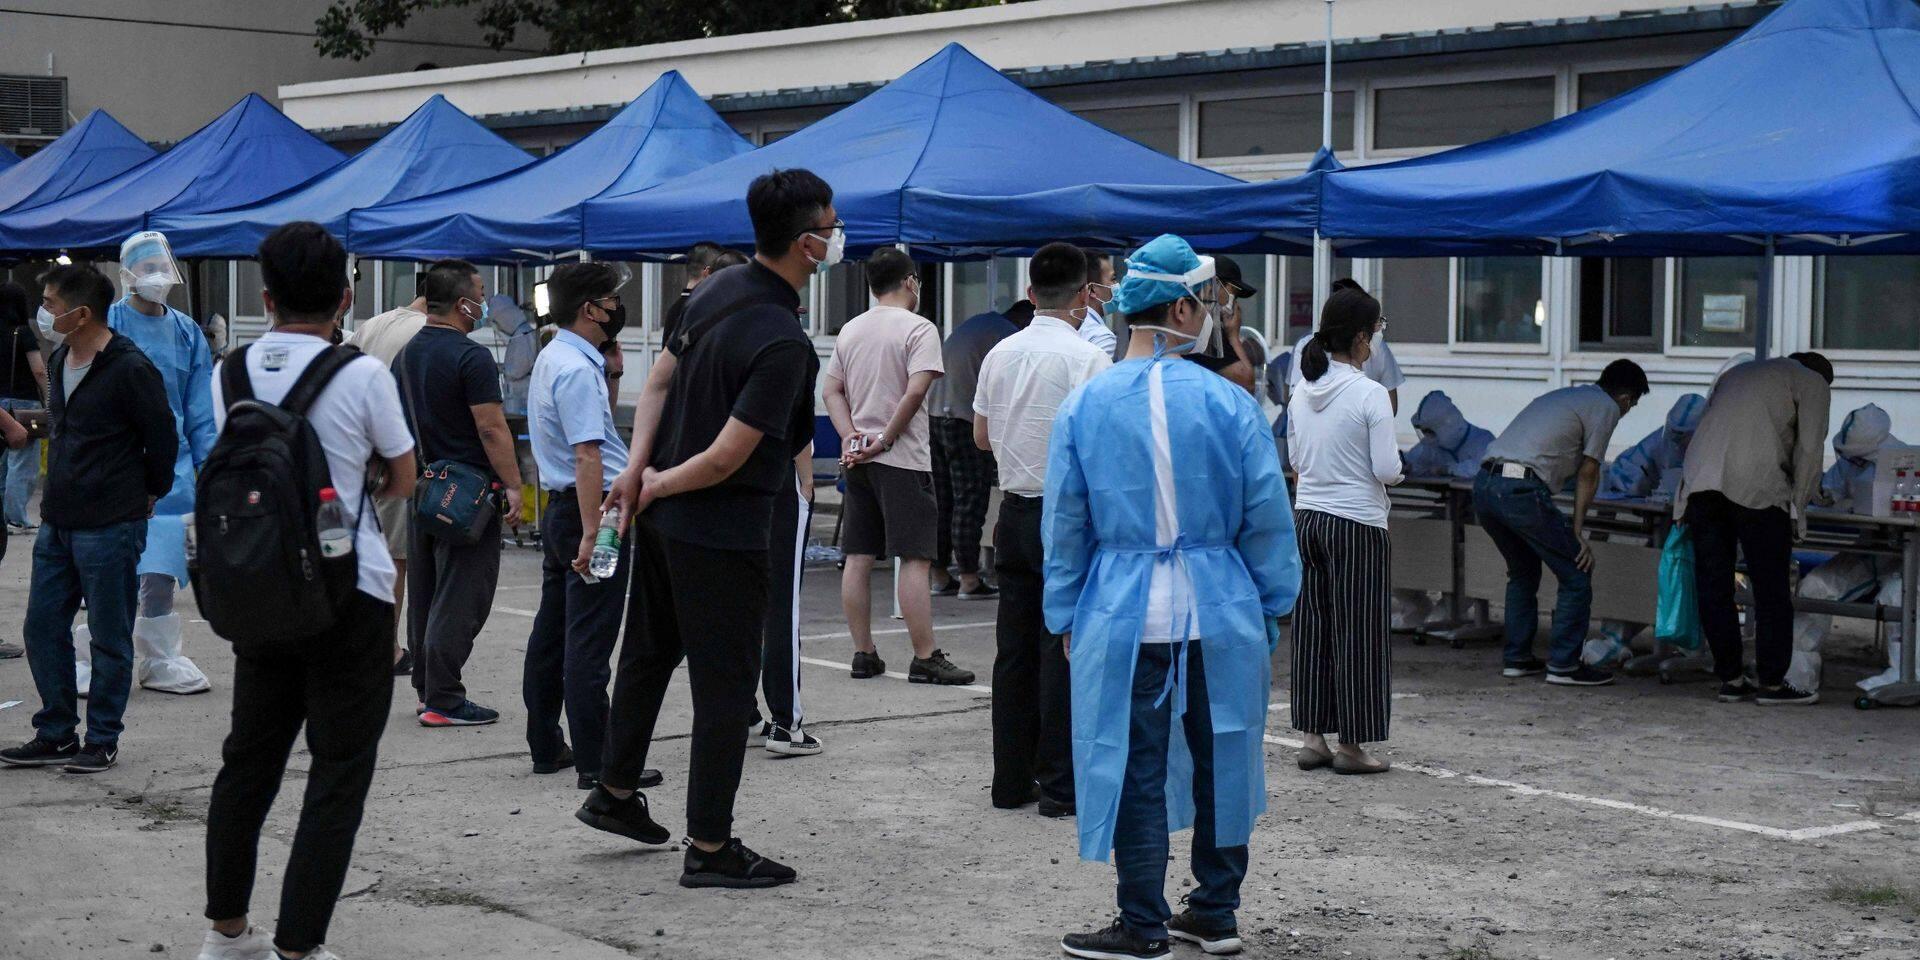 Coronavirus: les Etats-Unis laissent planer le doute sur la situation en Chine